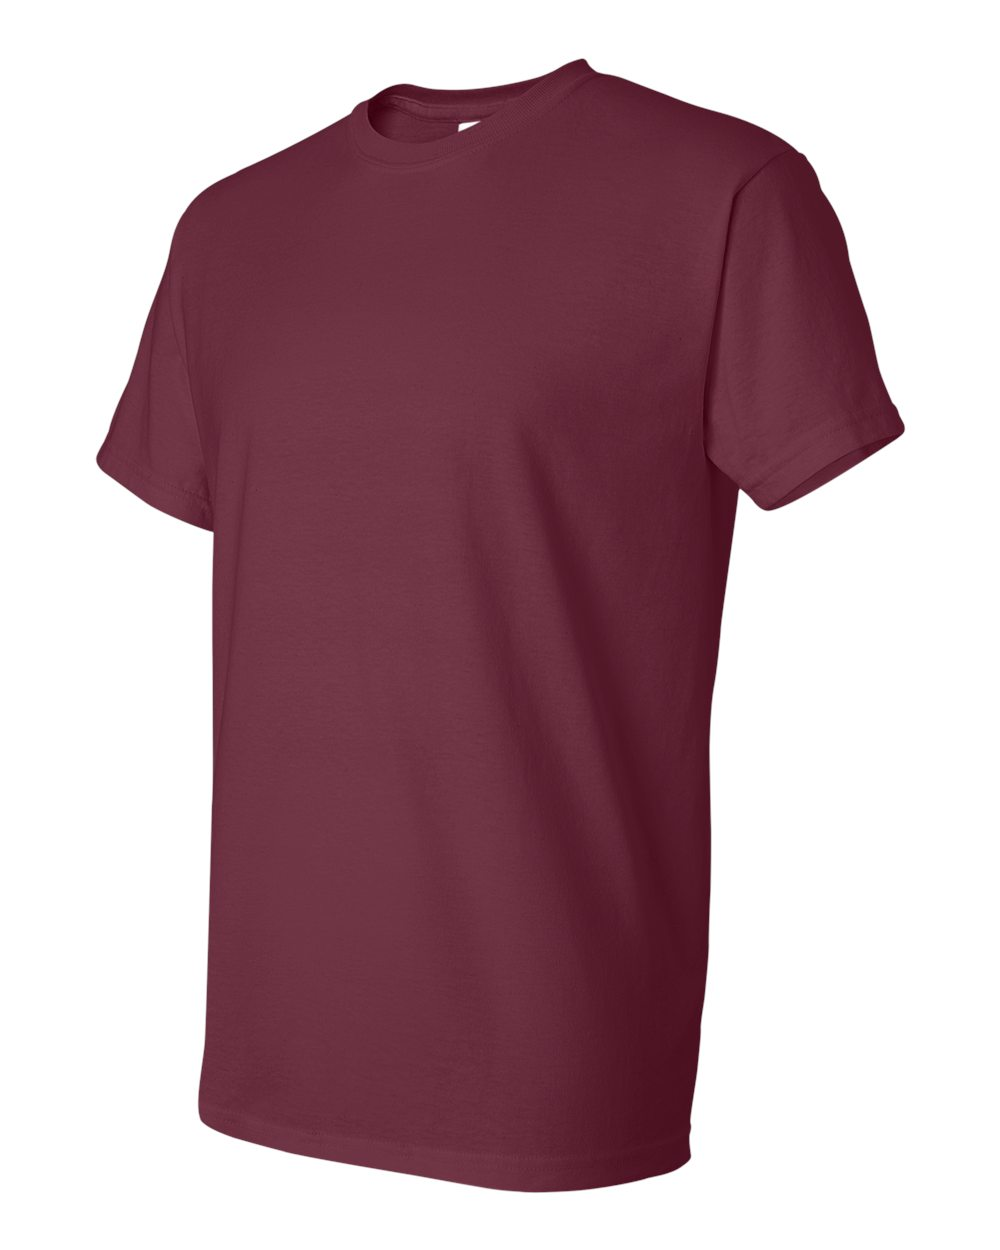 Gildan-Mens-DryBlend-5-6-oz-50-50-T-Shirt-G800-Size-S-5XL thumbnail 56